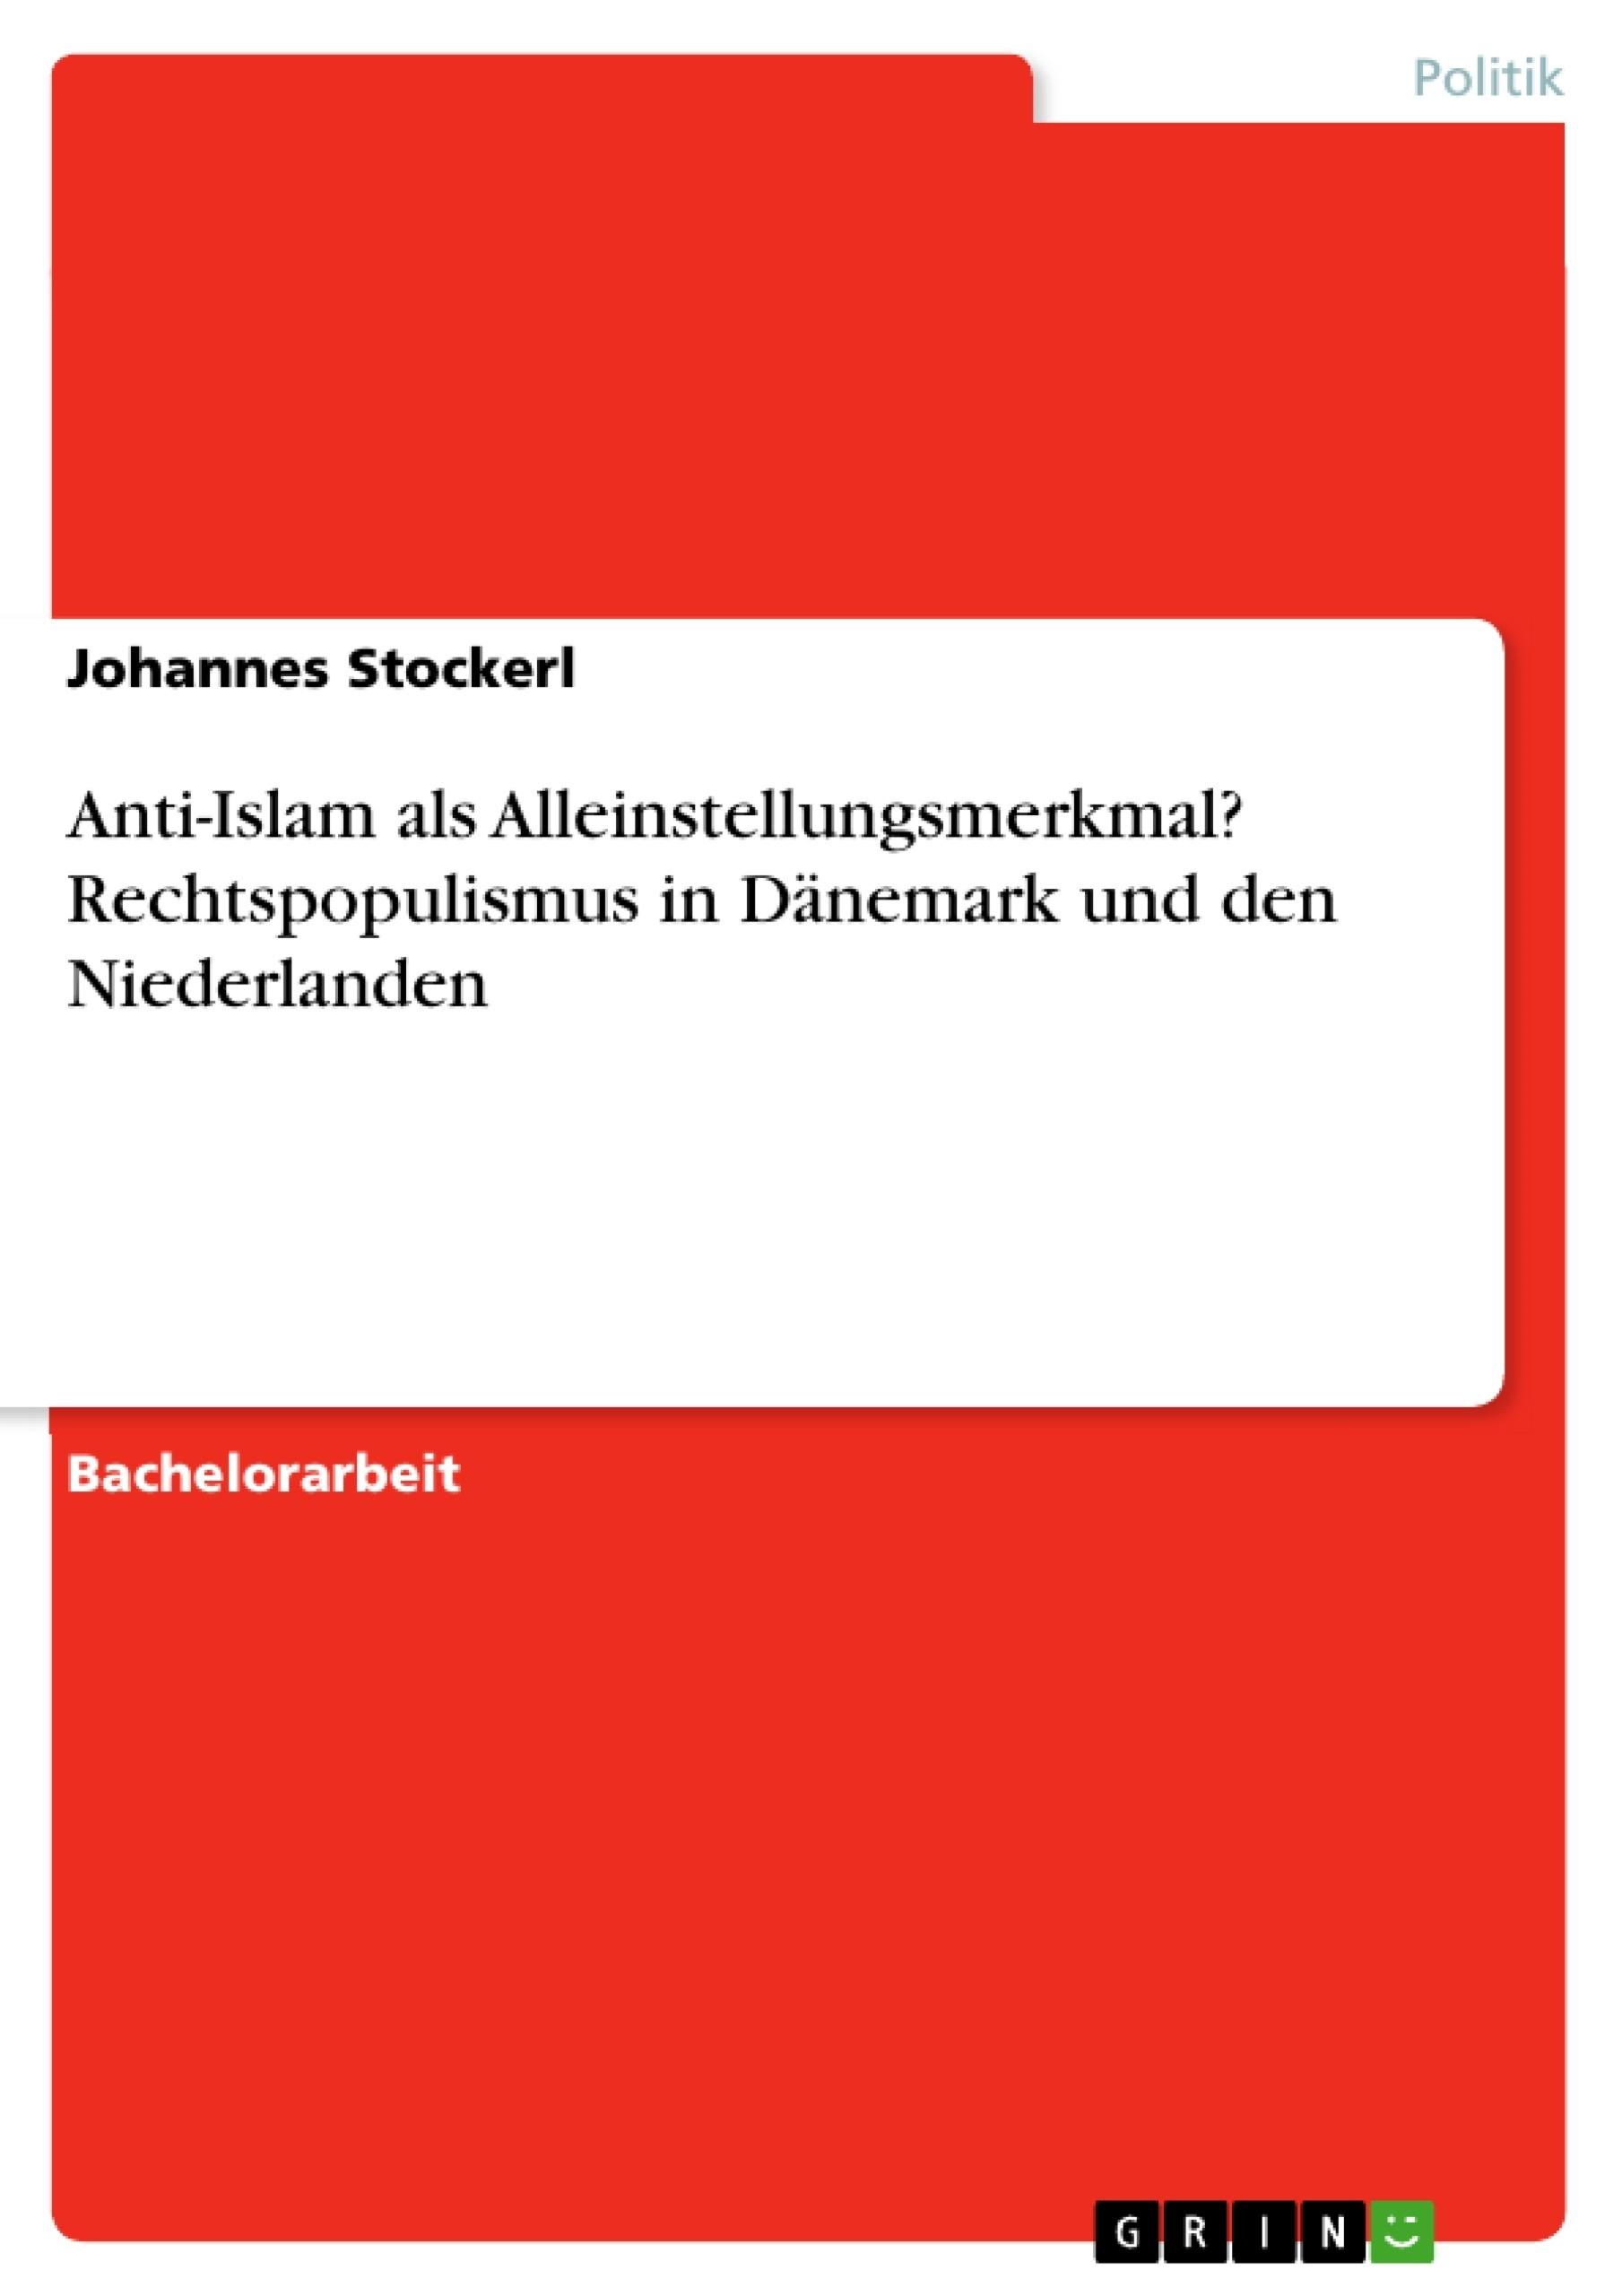 Titel: Anti-Islam als Alleinstellungsmerkmal? Rechtspopulismus in Dänemark und den Niederlanden